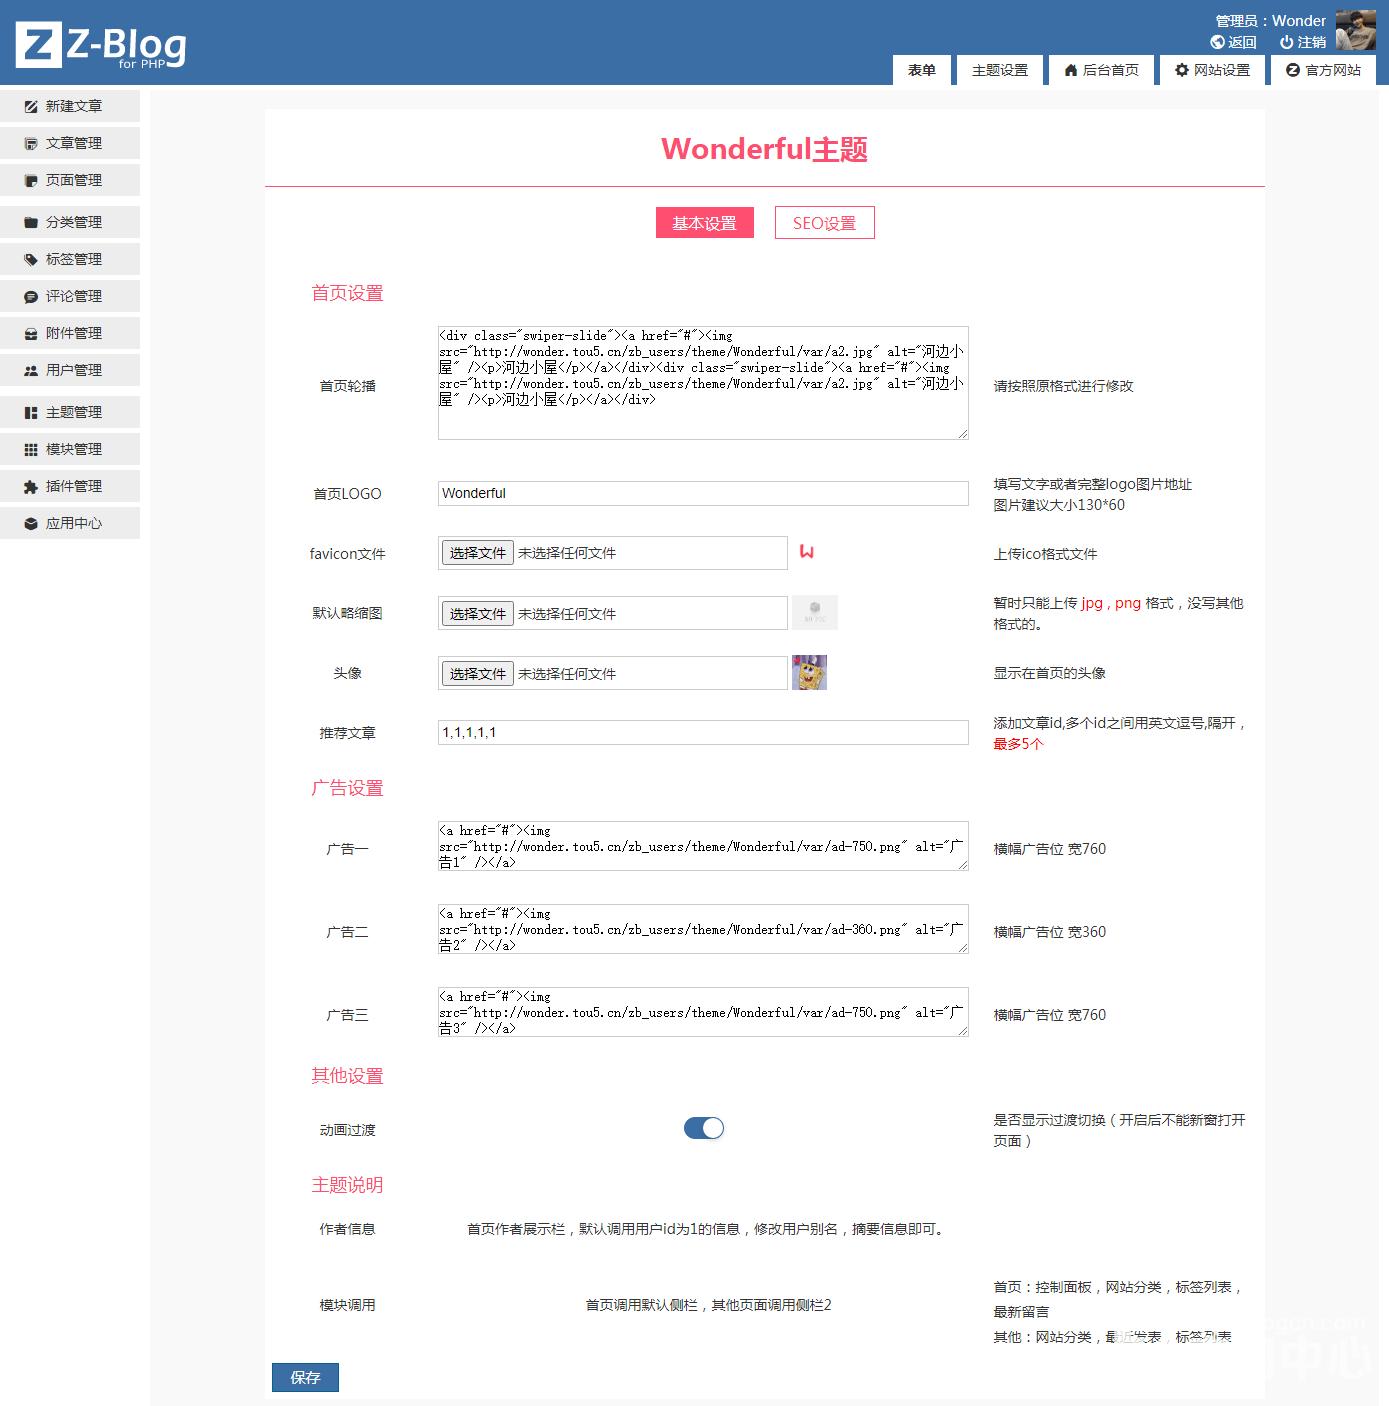 美妙主题【zblog系统】,php源码,php,博客模板,模板,免费,第1张